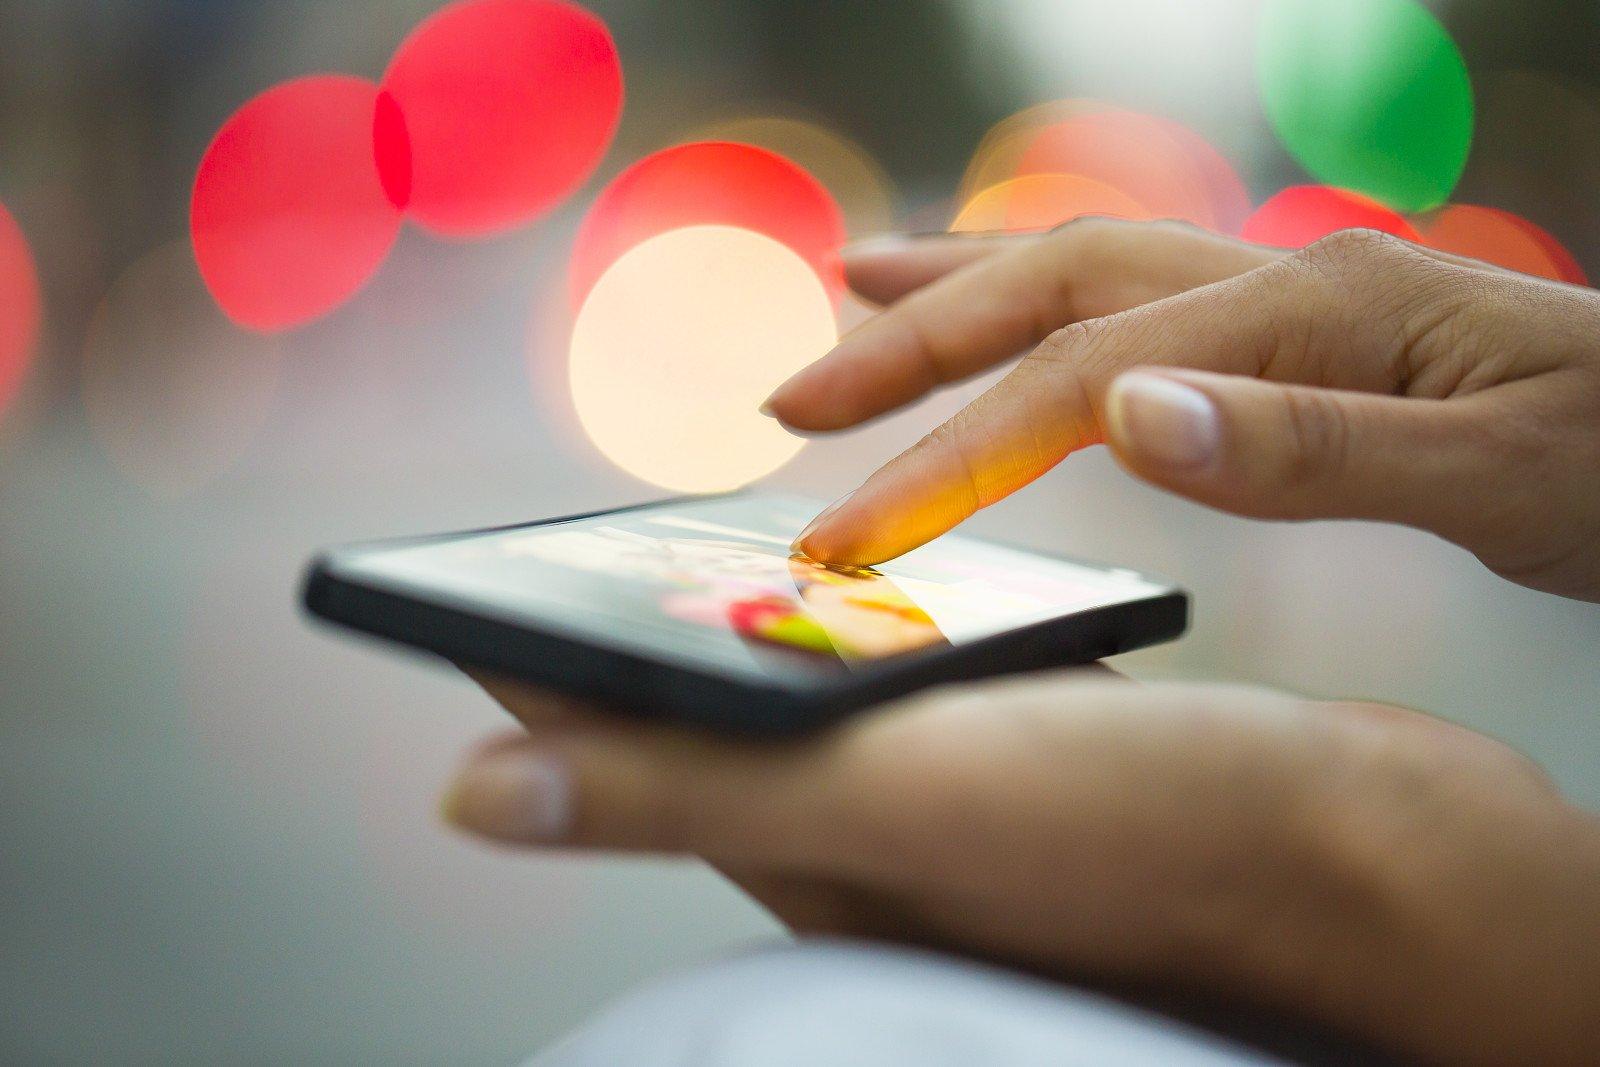 ФАС предложила обязать предустанавливать на телефонах русские приложения